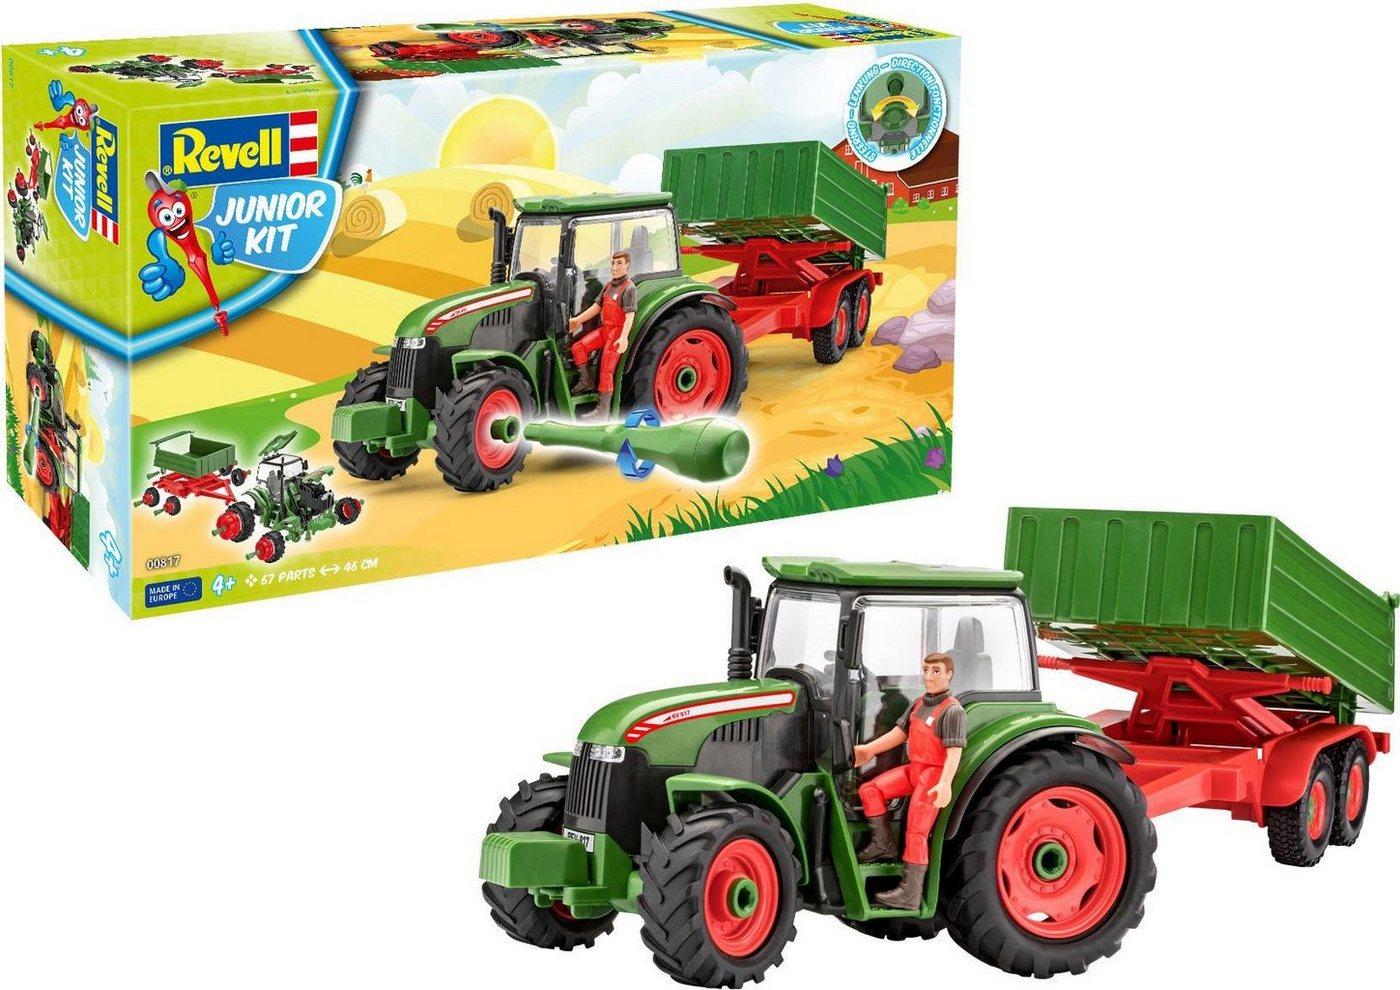 Revell Modellbausatz, »Junior Kit Traktor & Anhänger, grün mit Figur«